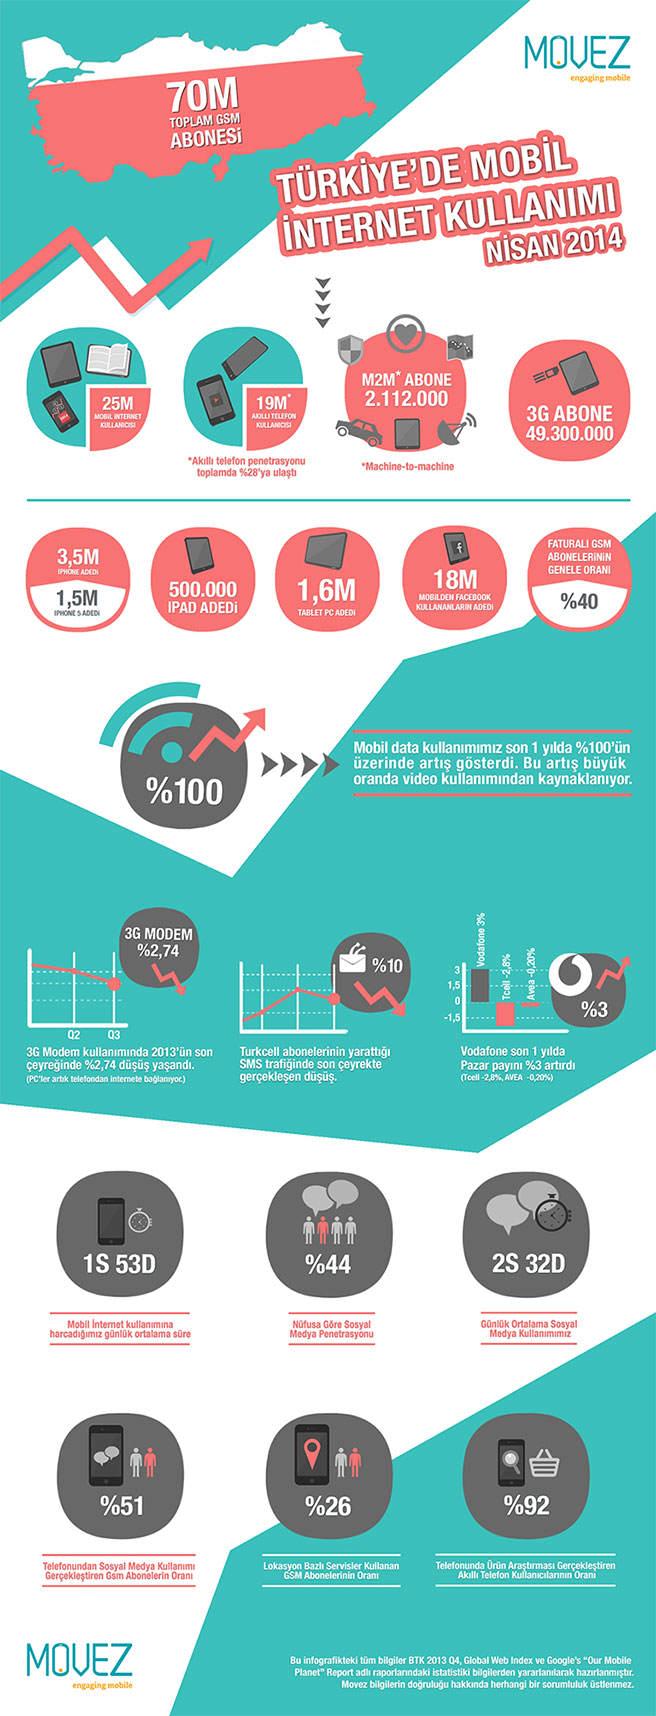 [İnfografik] Türkiye'de Mobil İnternet Kullanımı